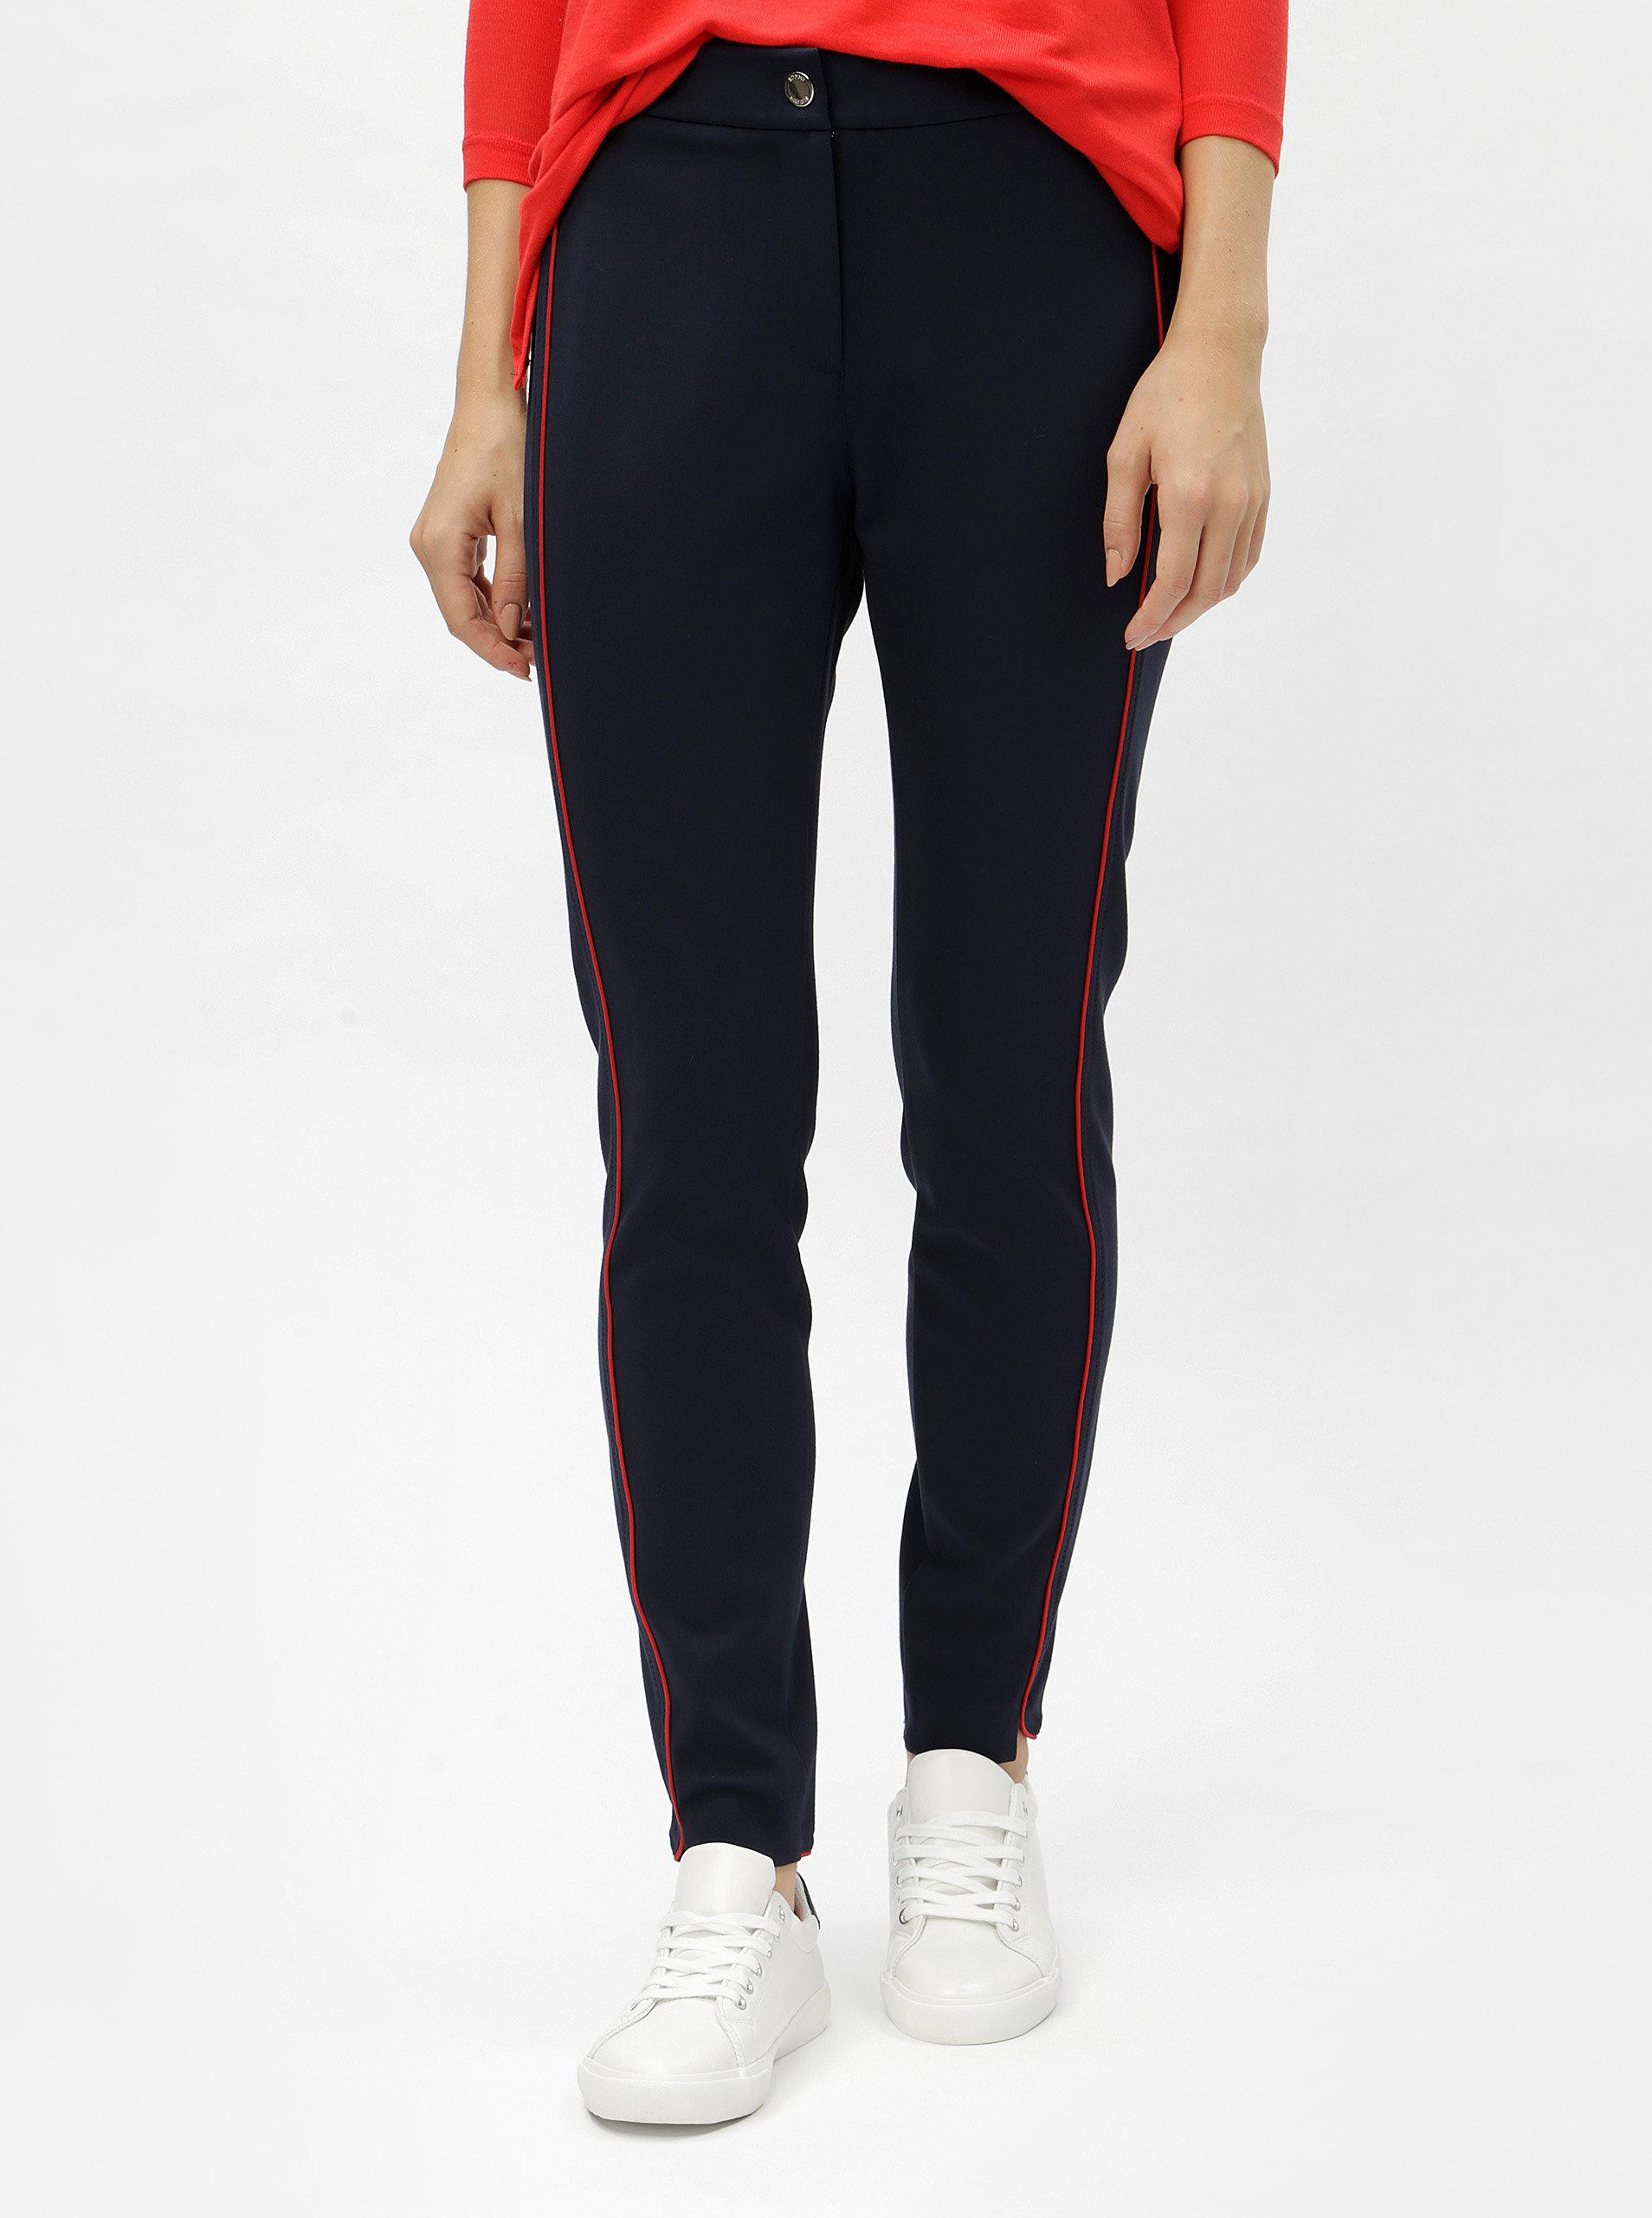 Tmavě modré dámské kalhoty s pruhy na boku Tommy Hilfiger Imogen ... e92848a902